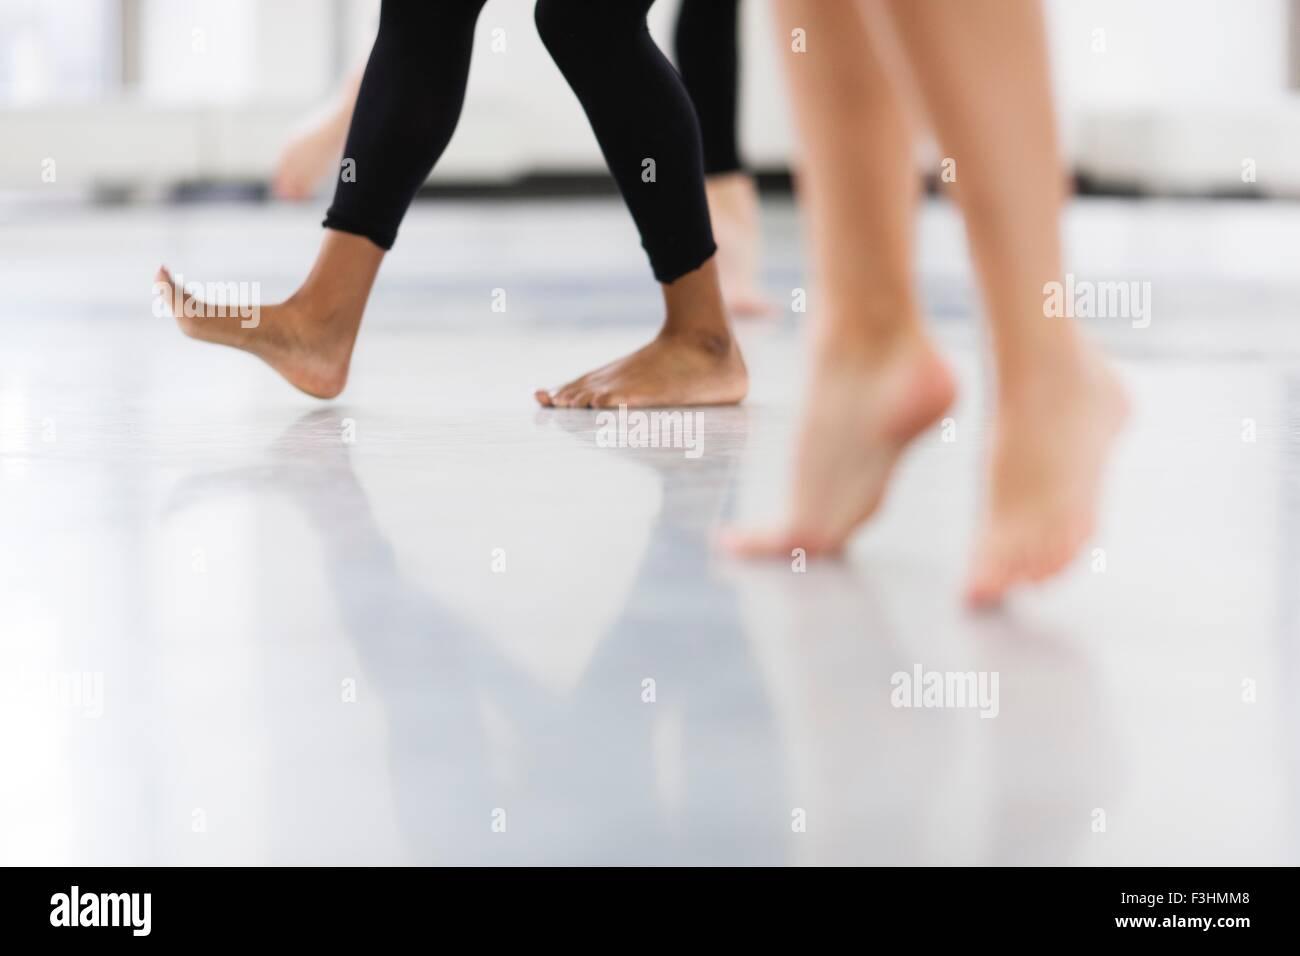 Beine und nackte Füße von jungen Frauen Tänzer tanzen Stockfoto ...